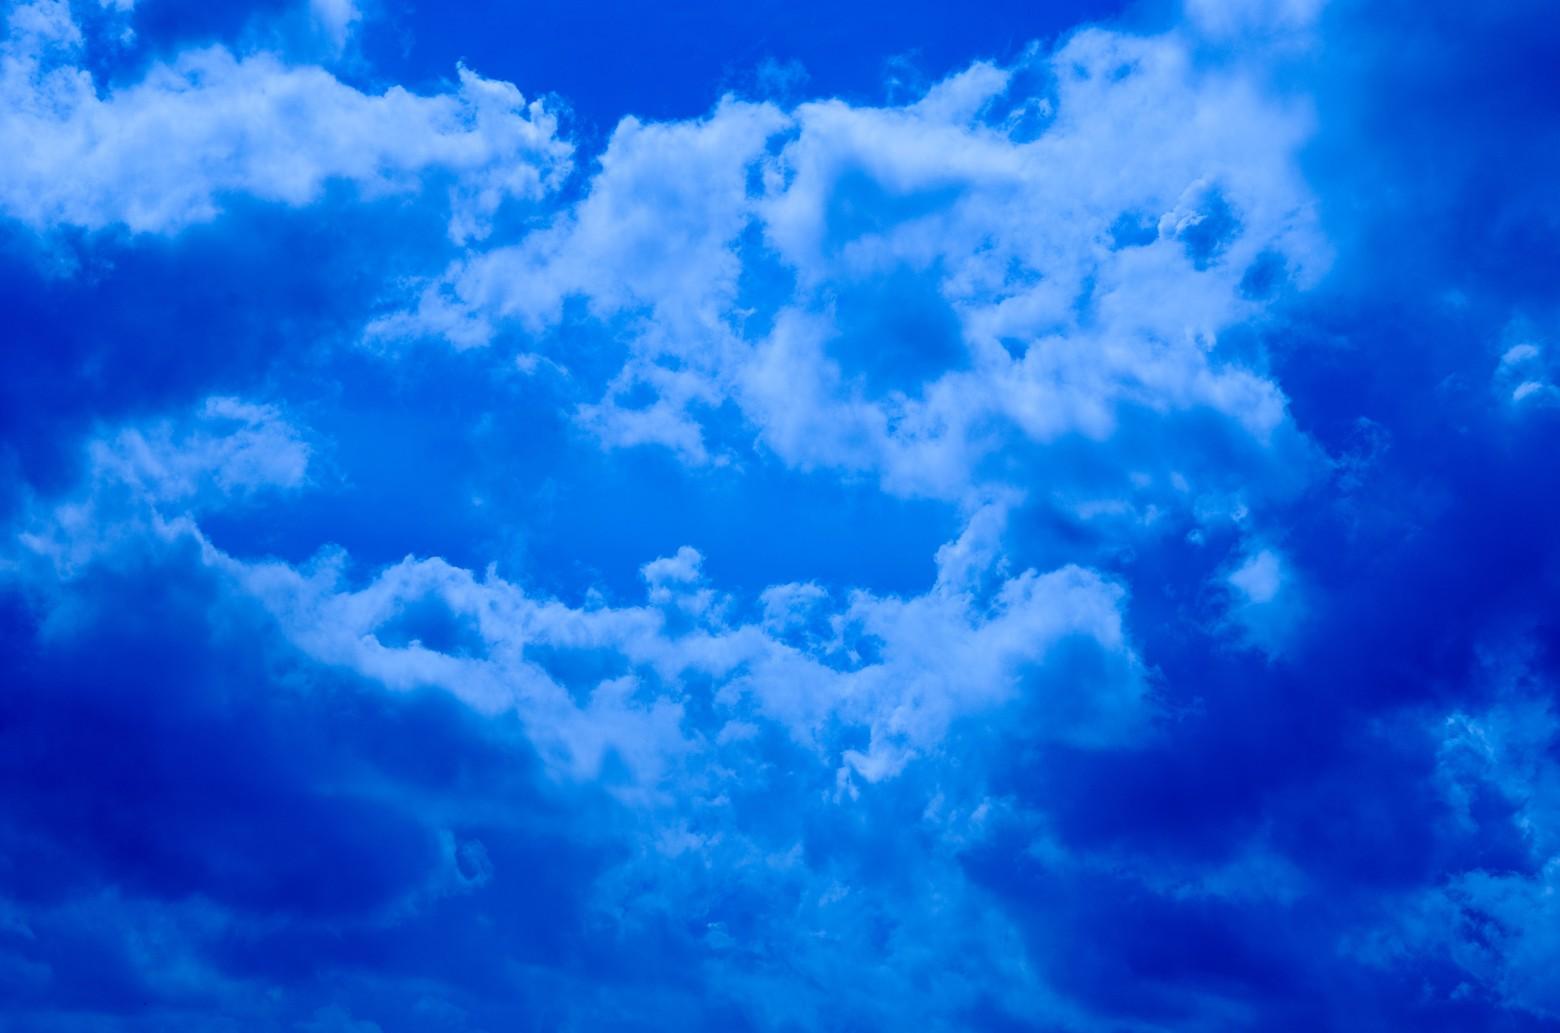 Ciel Bleu Image Gratuite Images Gratuites Et Libres De Droits